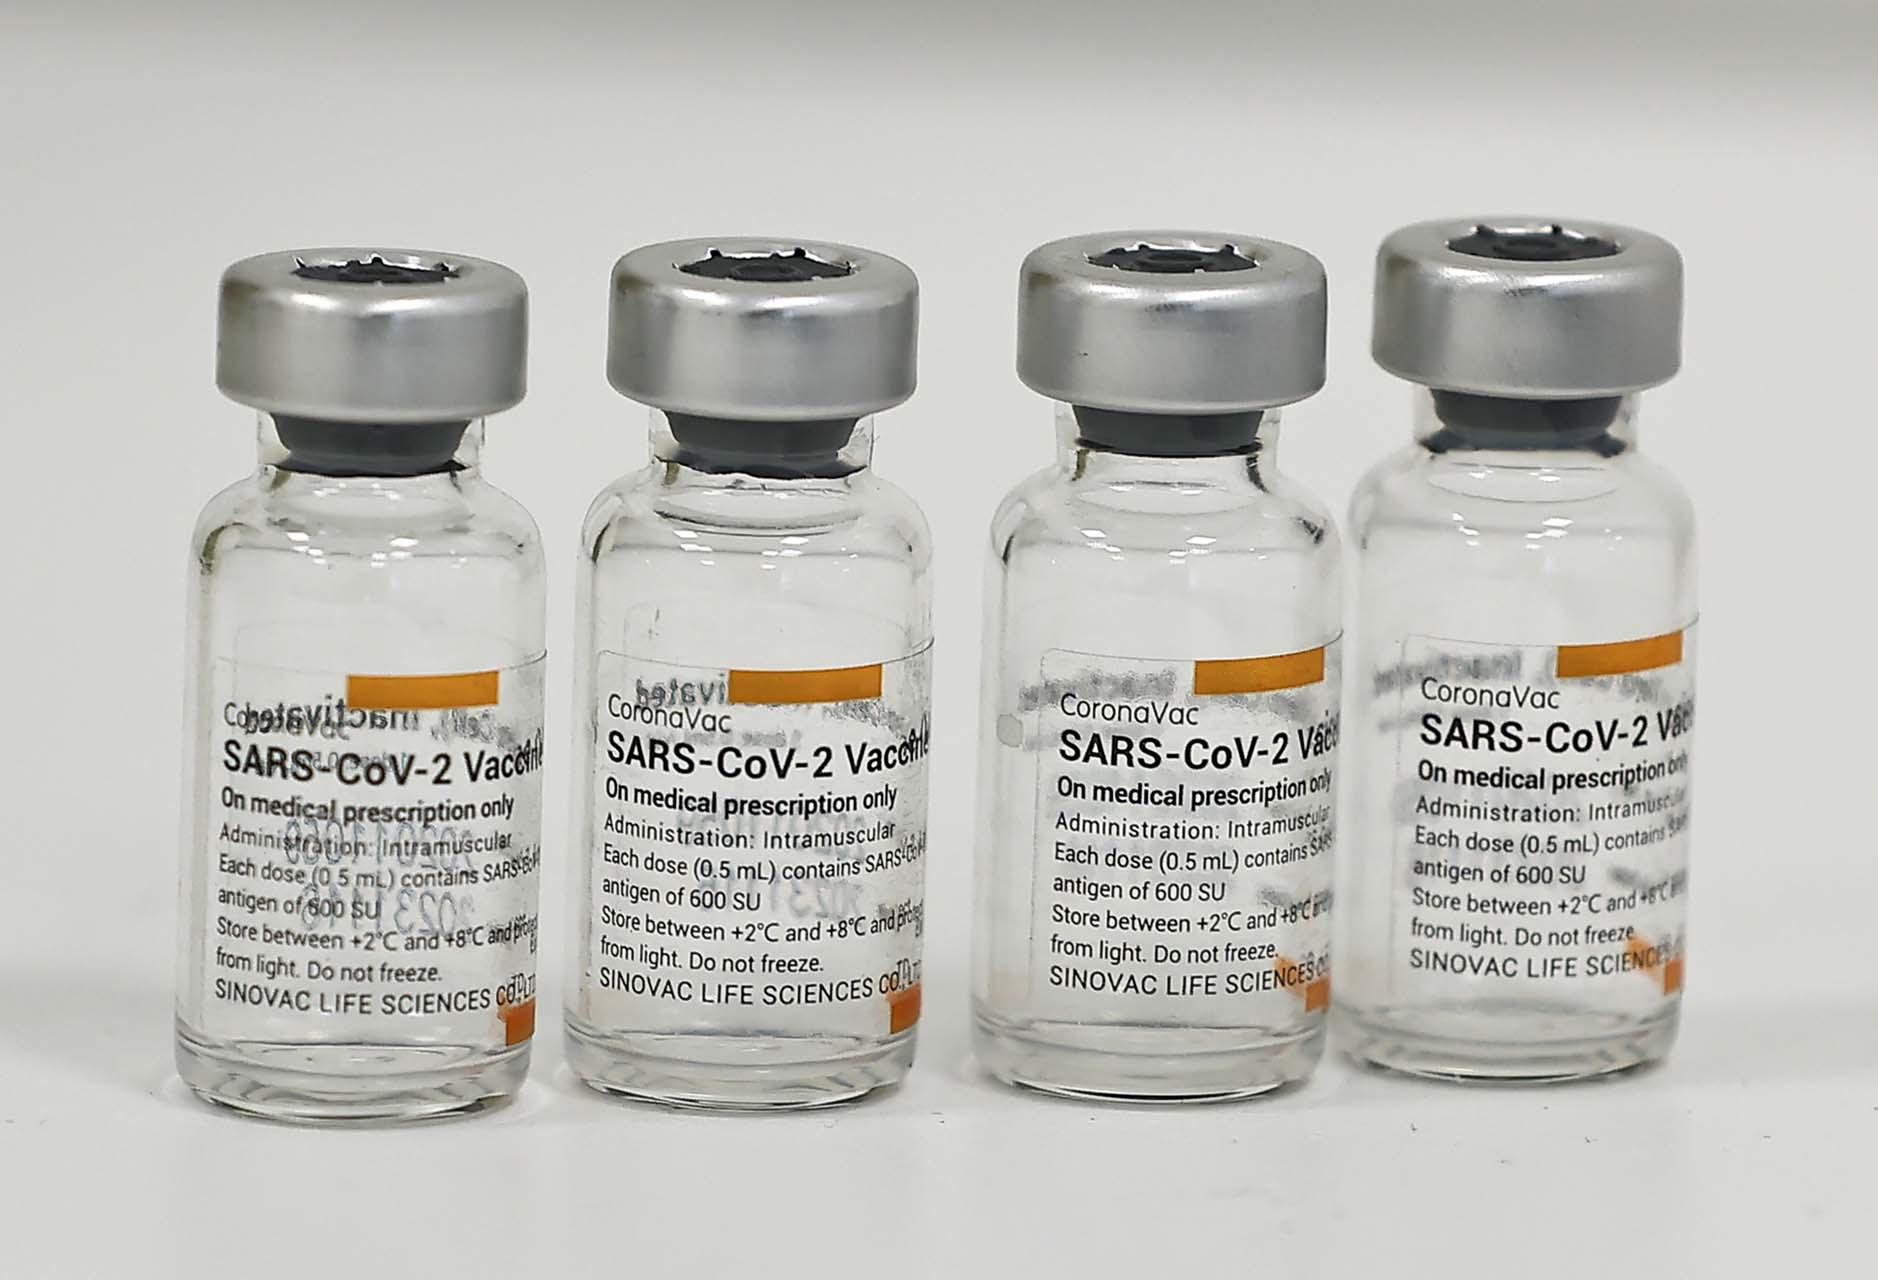 Sinovac üretim lisansı verdi: Çin aşısı Coronavac, Türkiye'de üretilecek